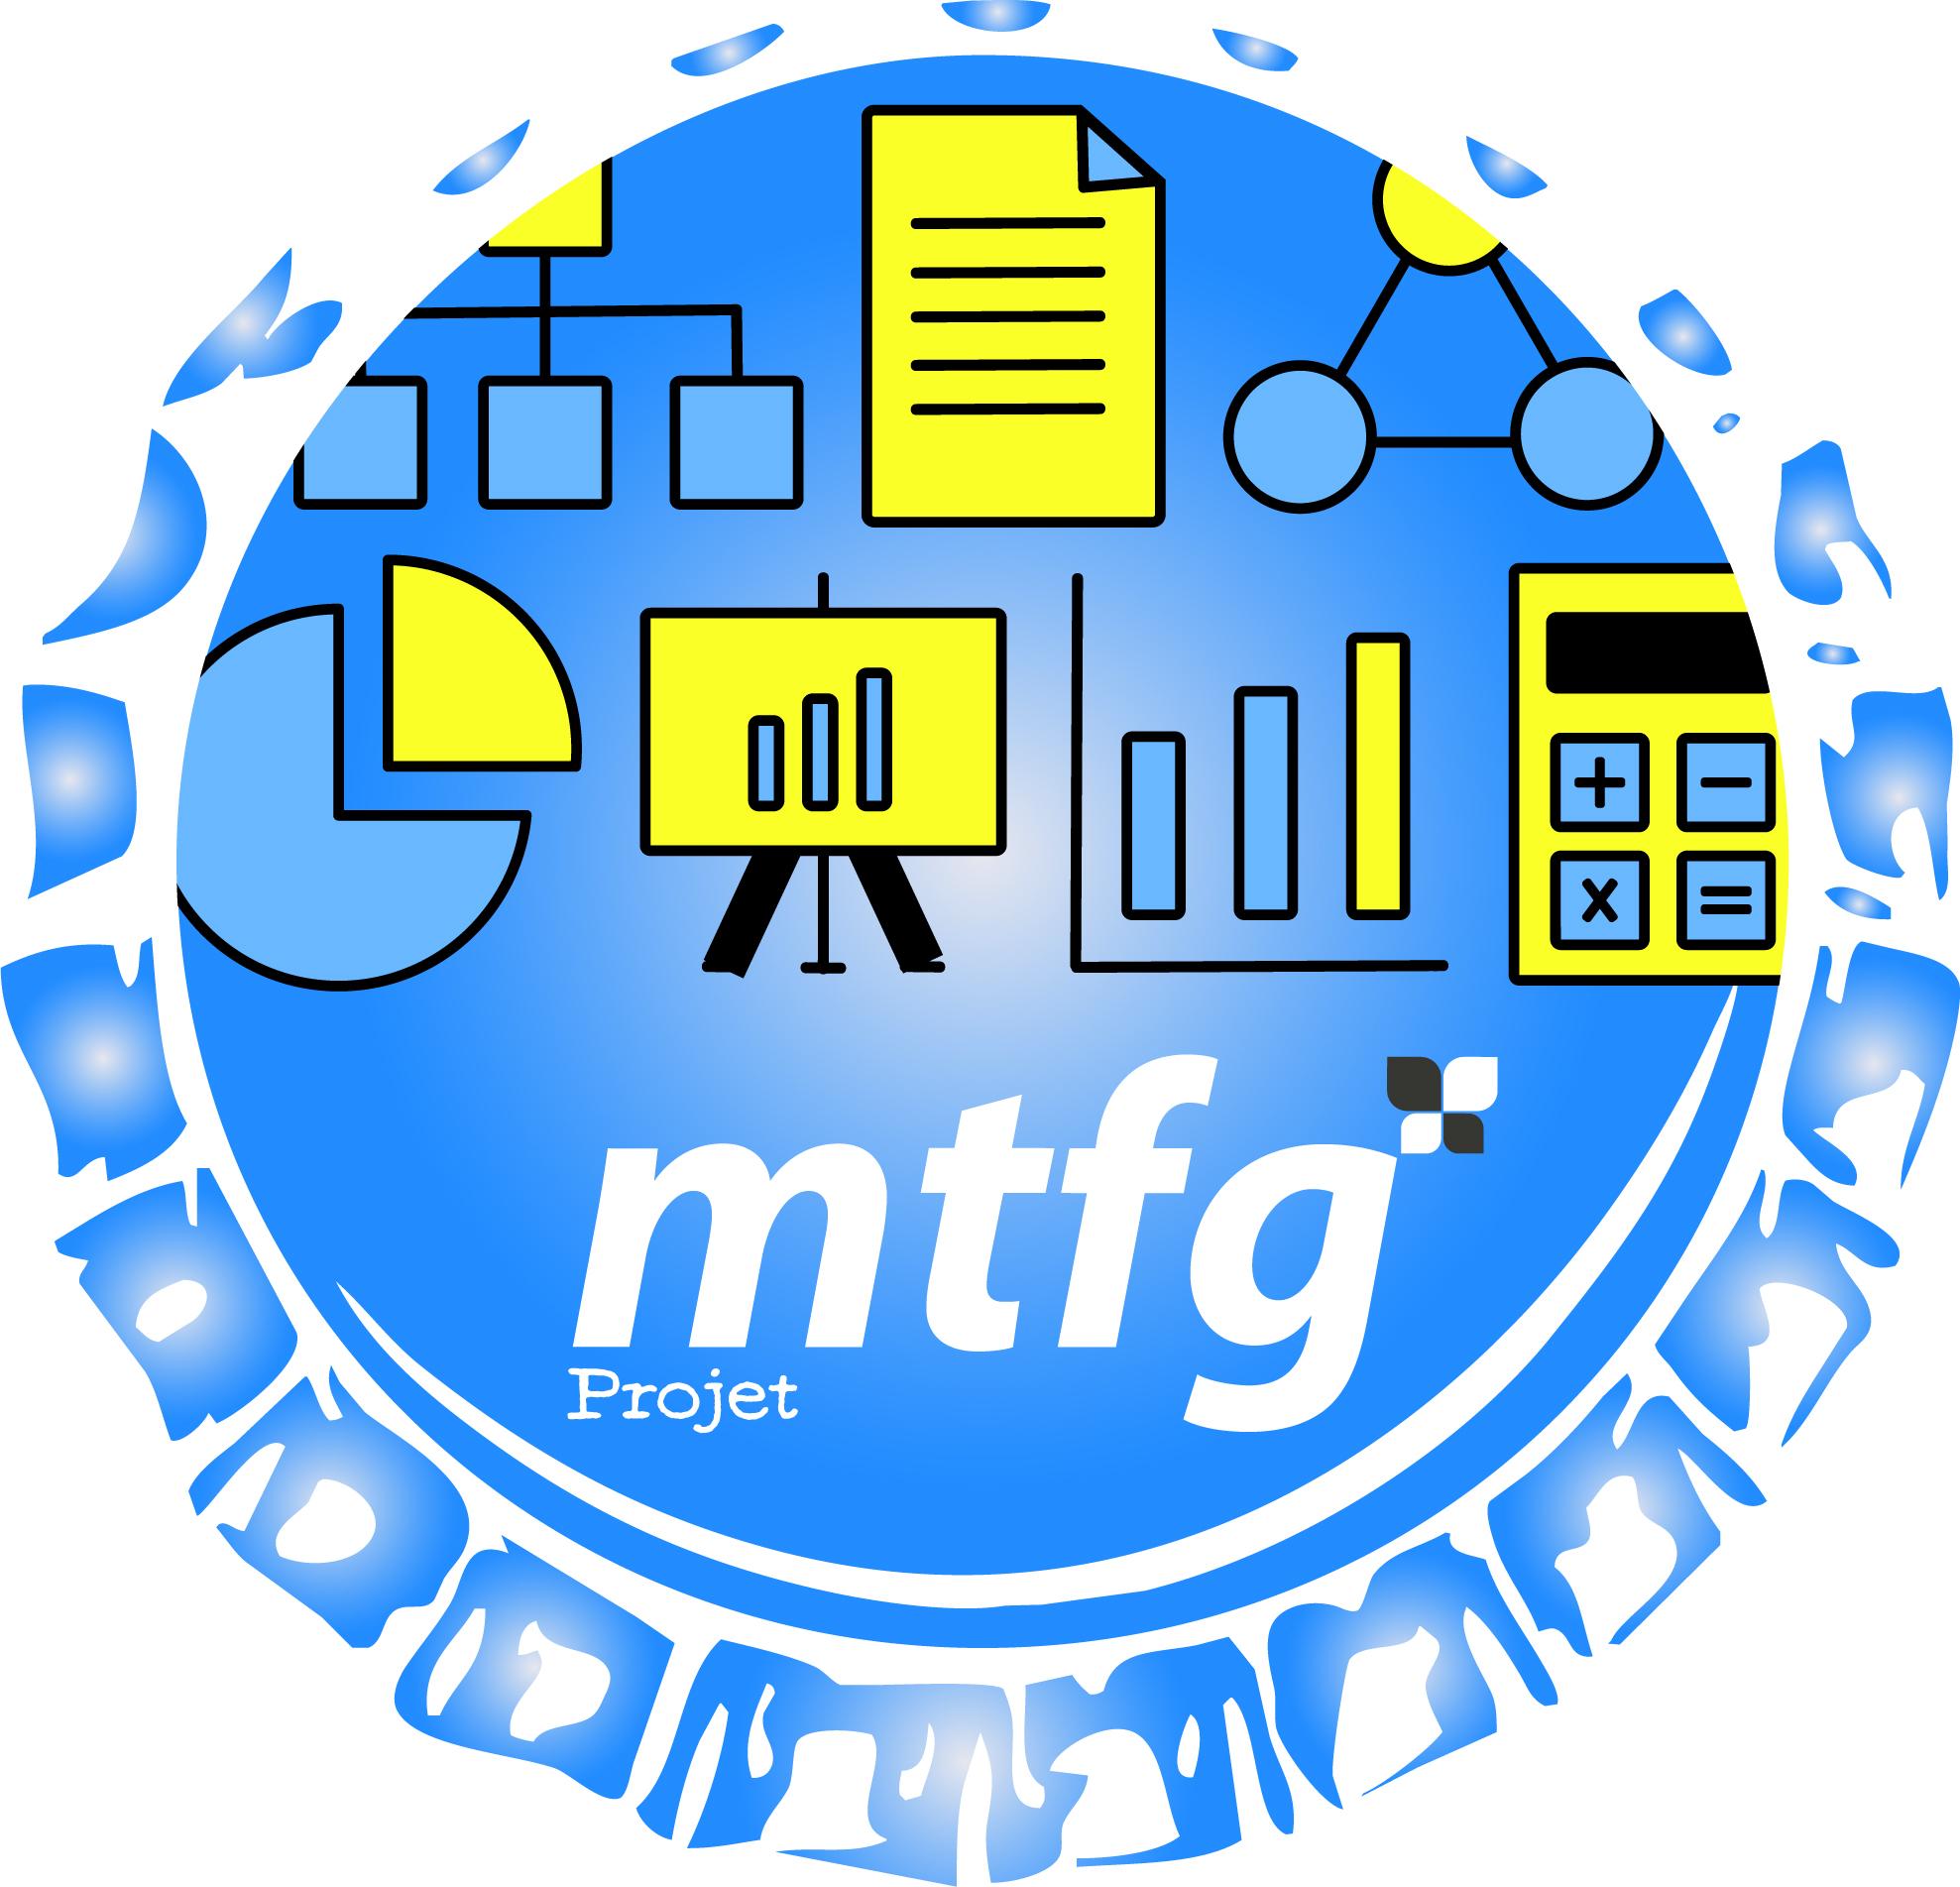 MTFG Projets - Votre couteau suisse multiservices